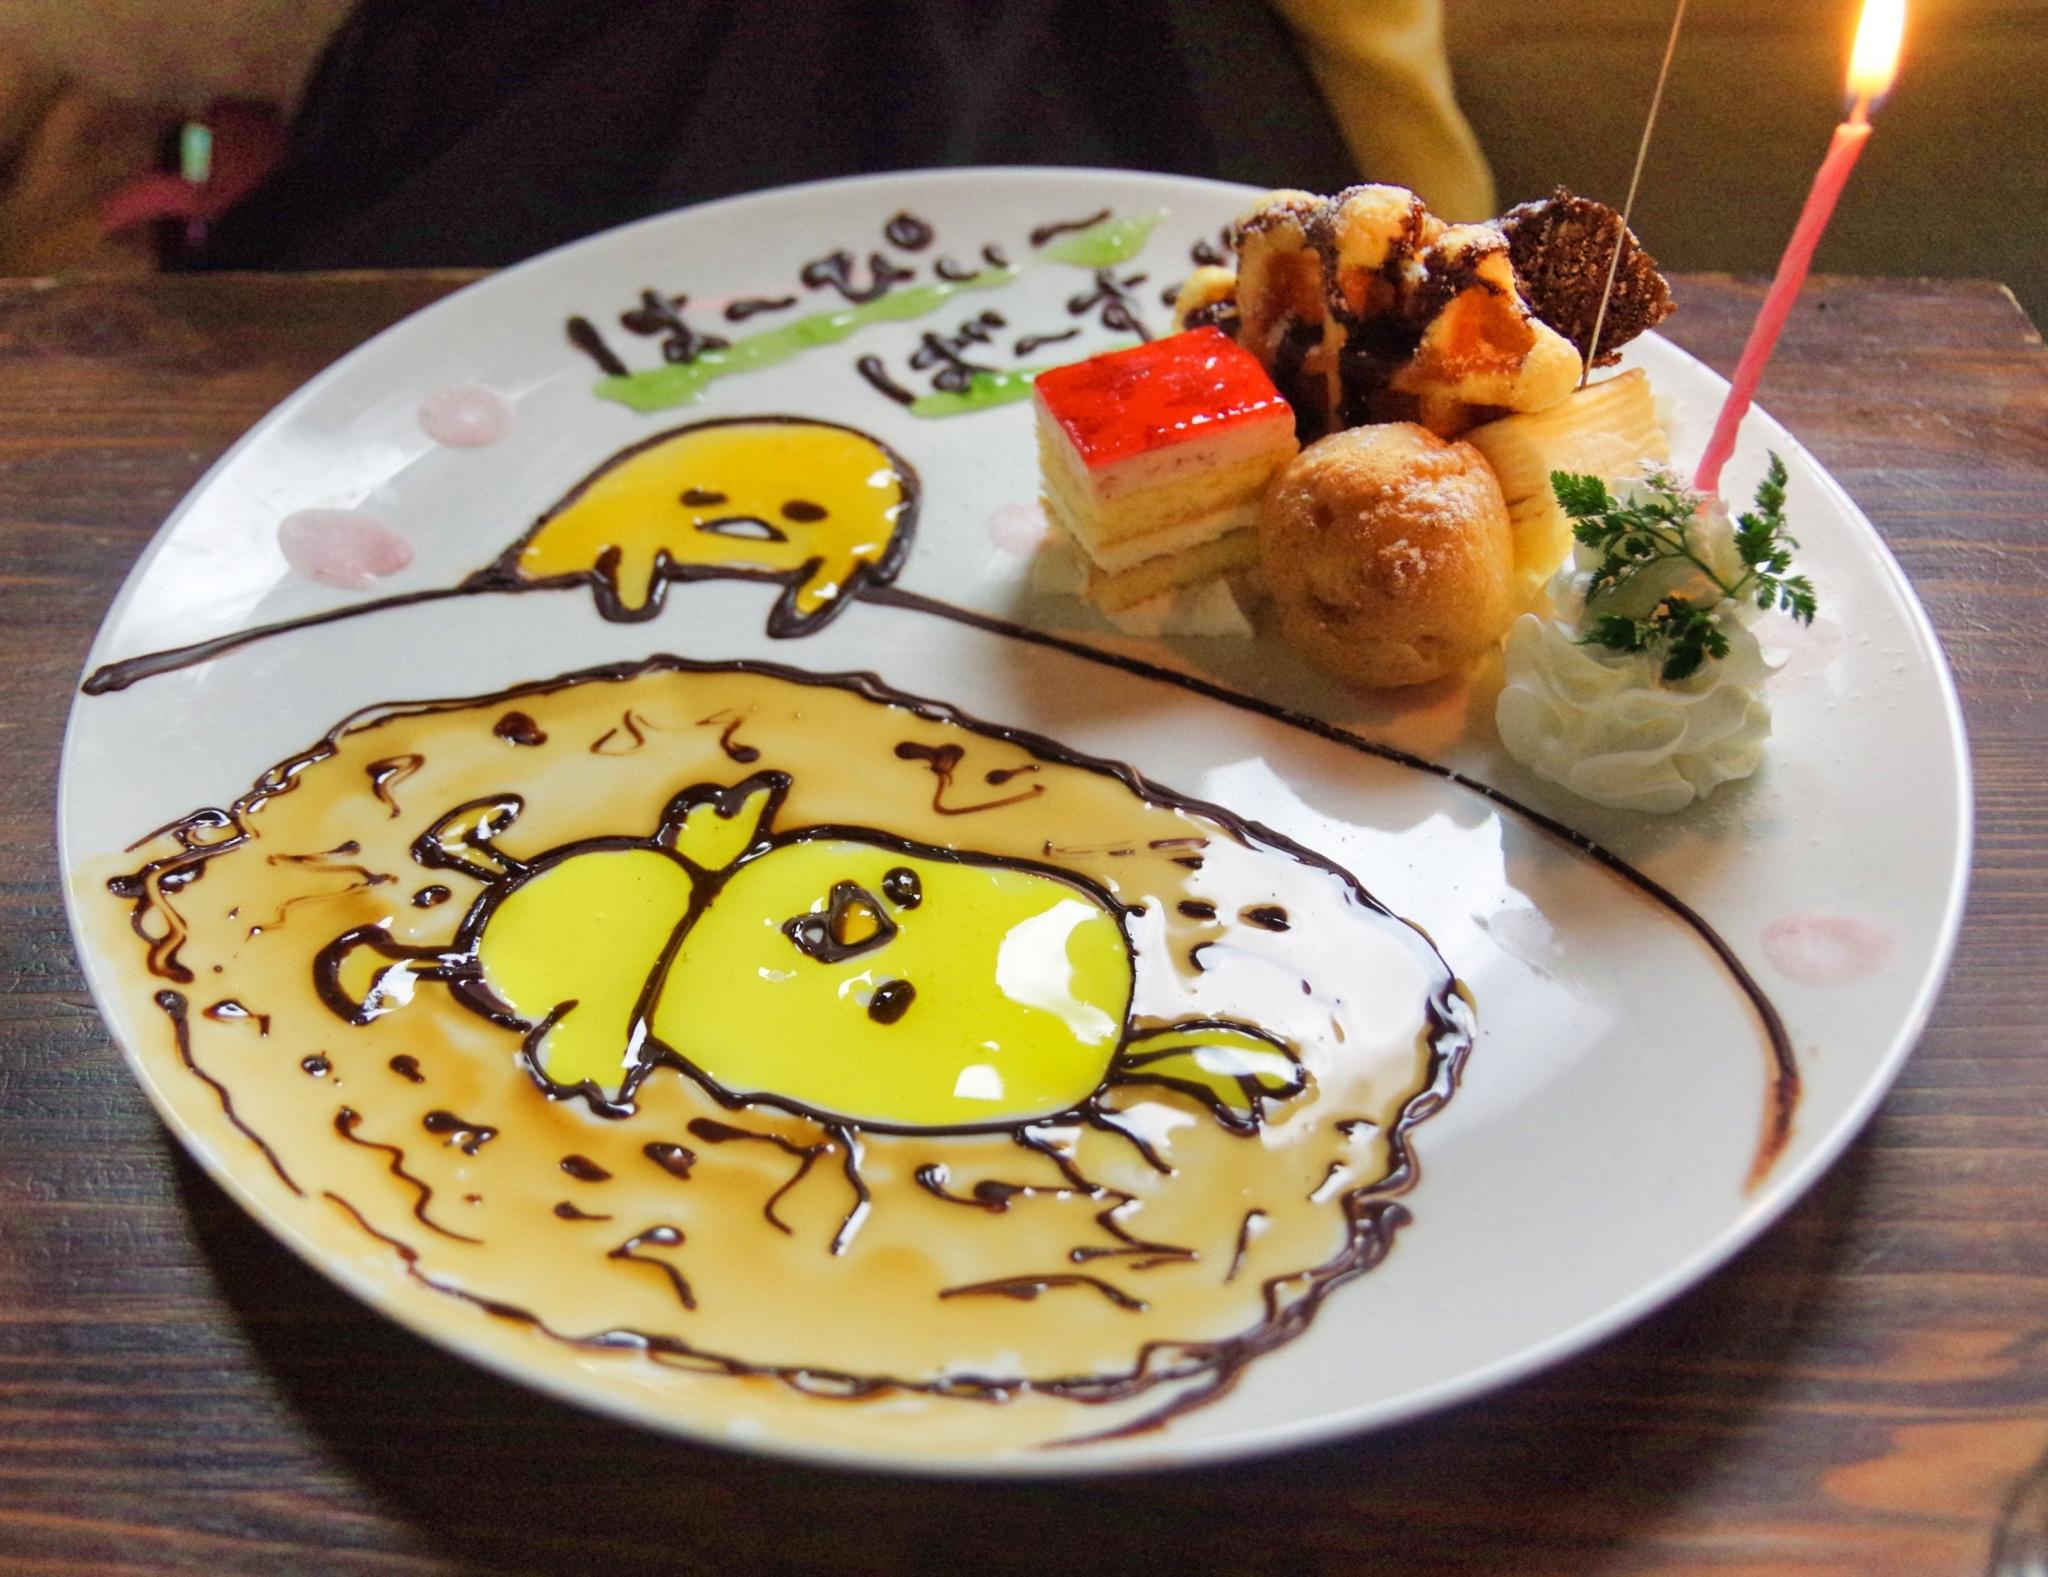 【渋谷カフェ】 世界で1枚のオリジナルメッセージプレートに感激!